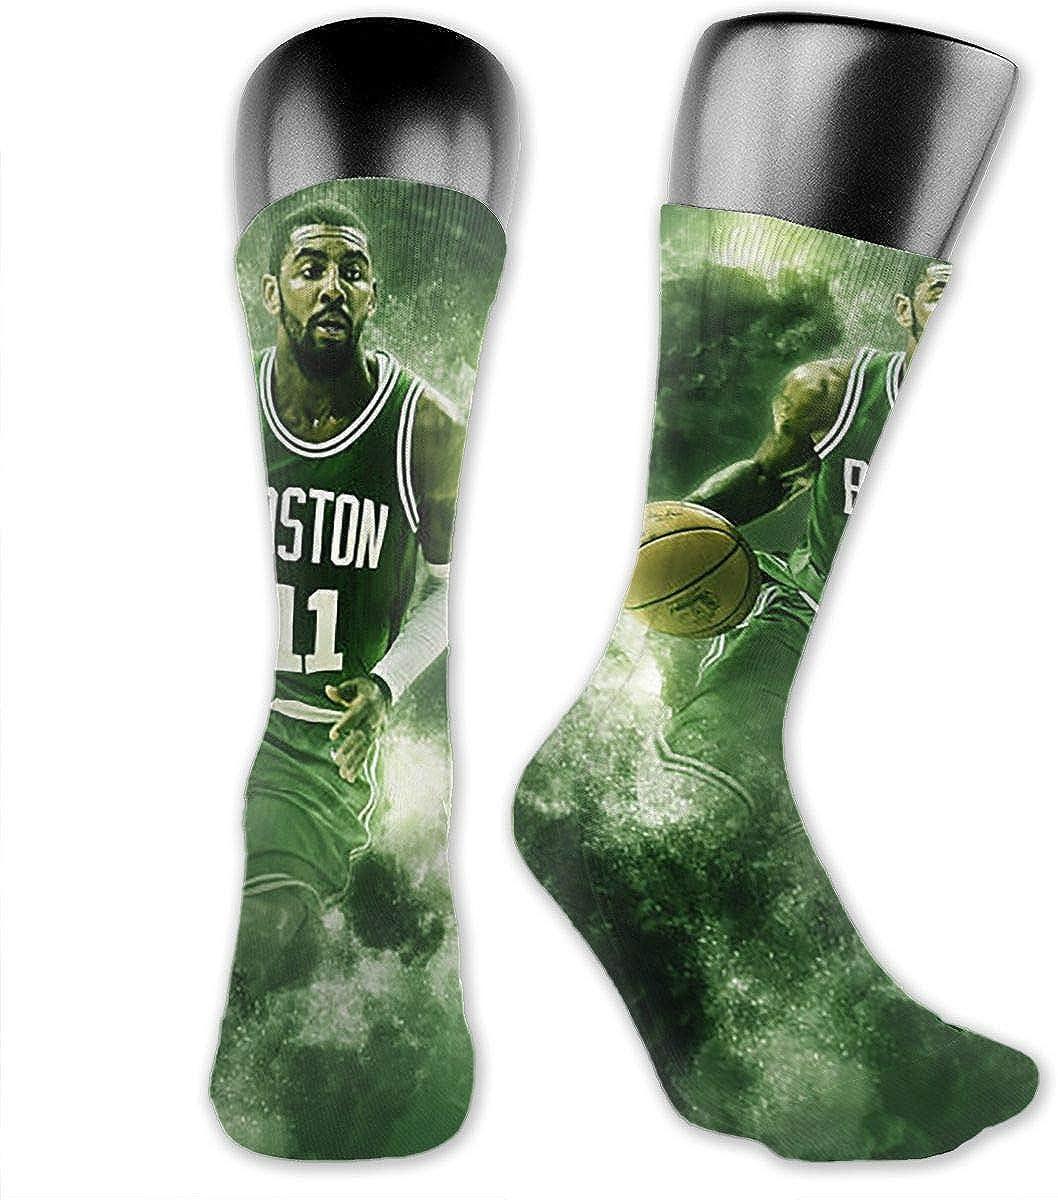 DLAZANA Kyrie Sport Crew Socks in Size 3.14 x 15.7 inches